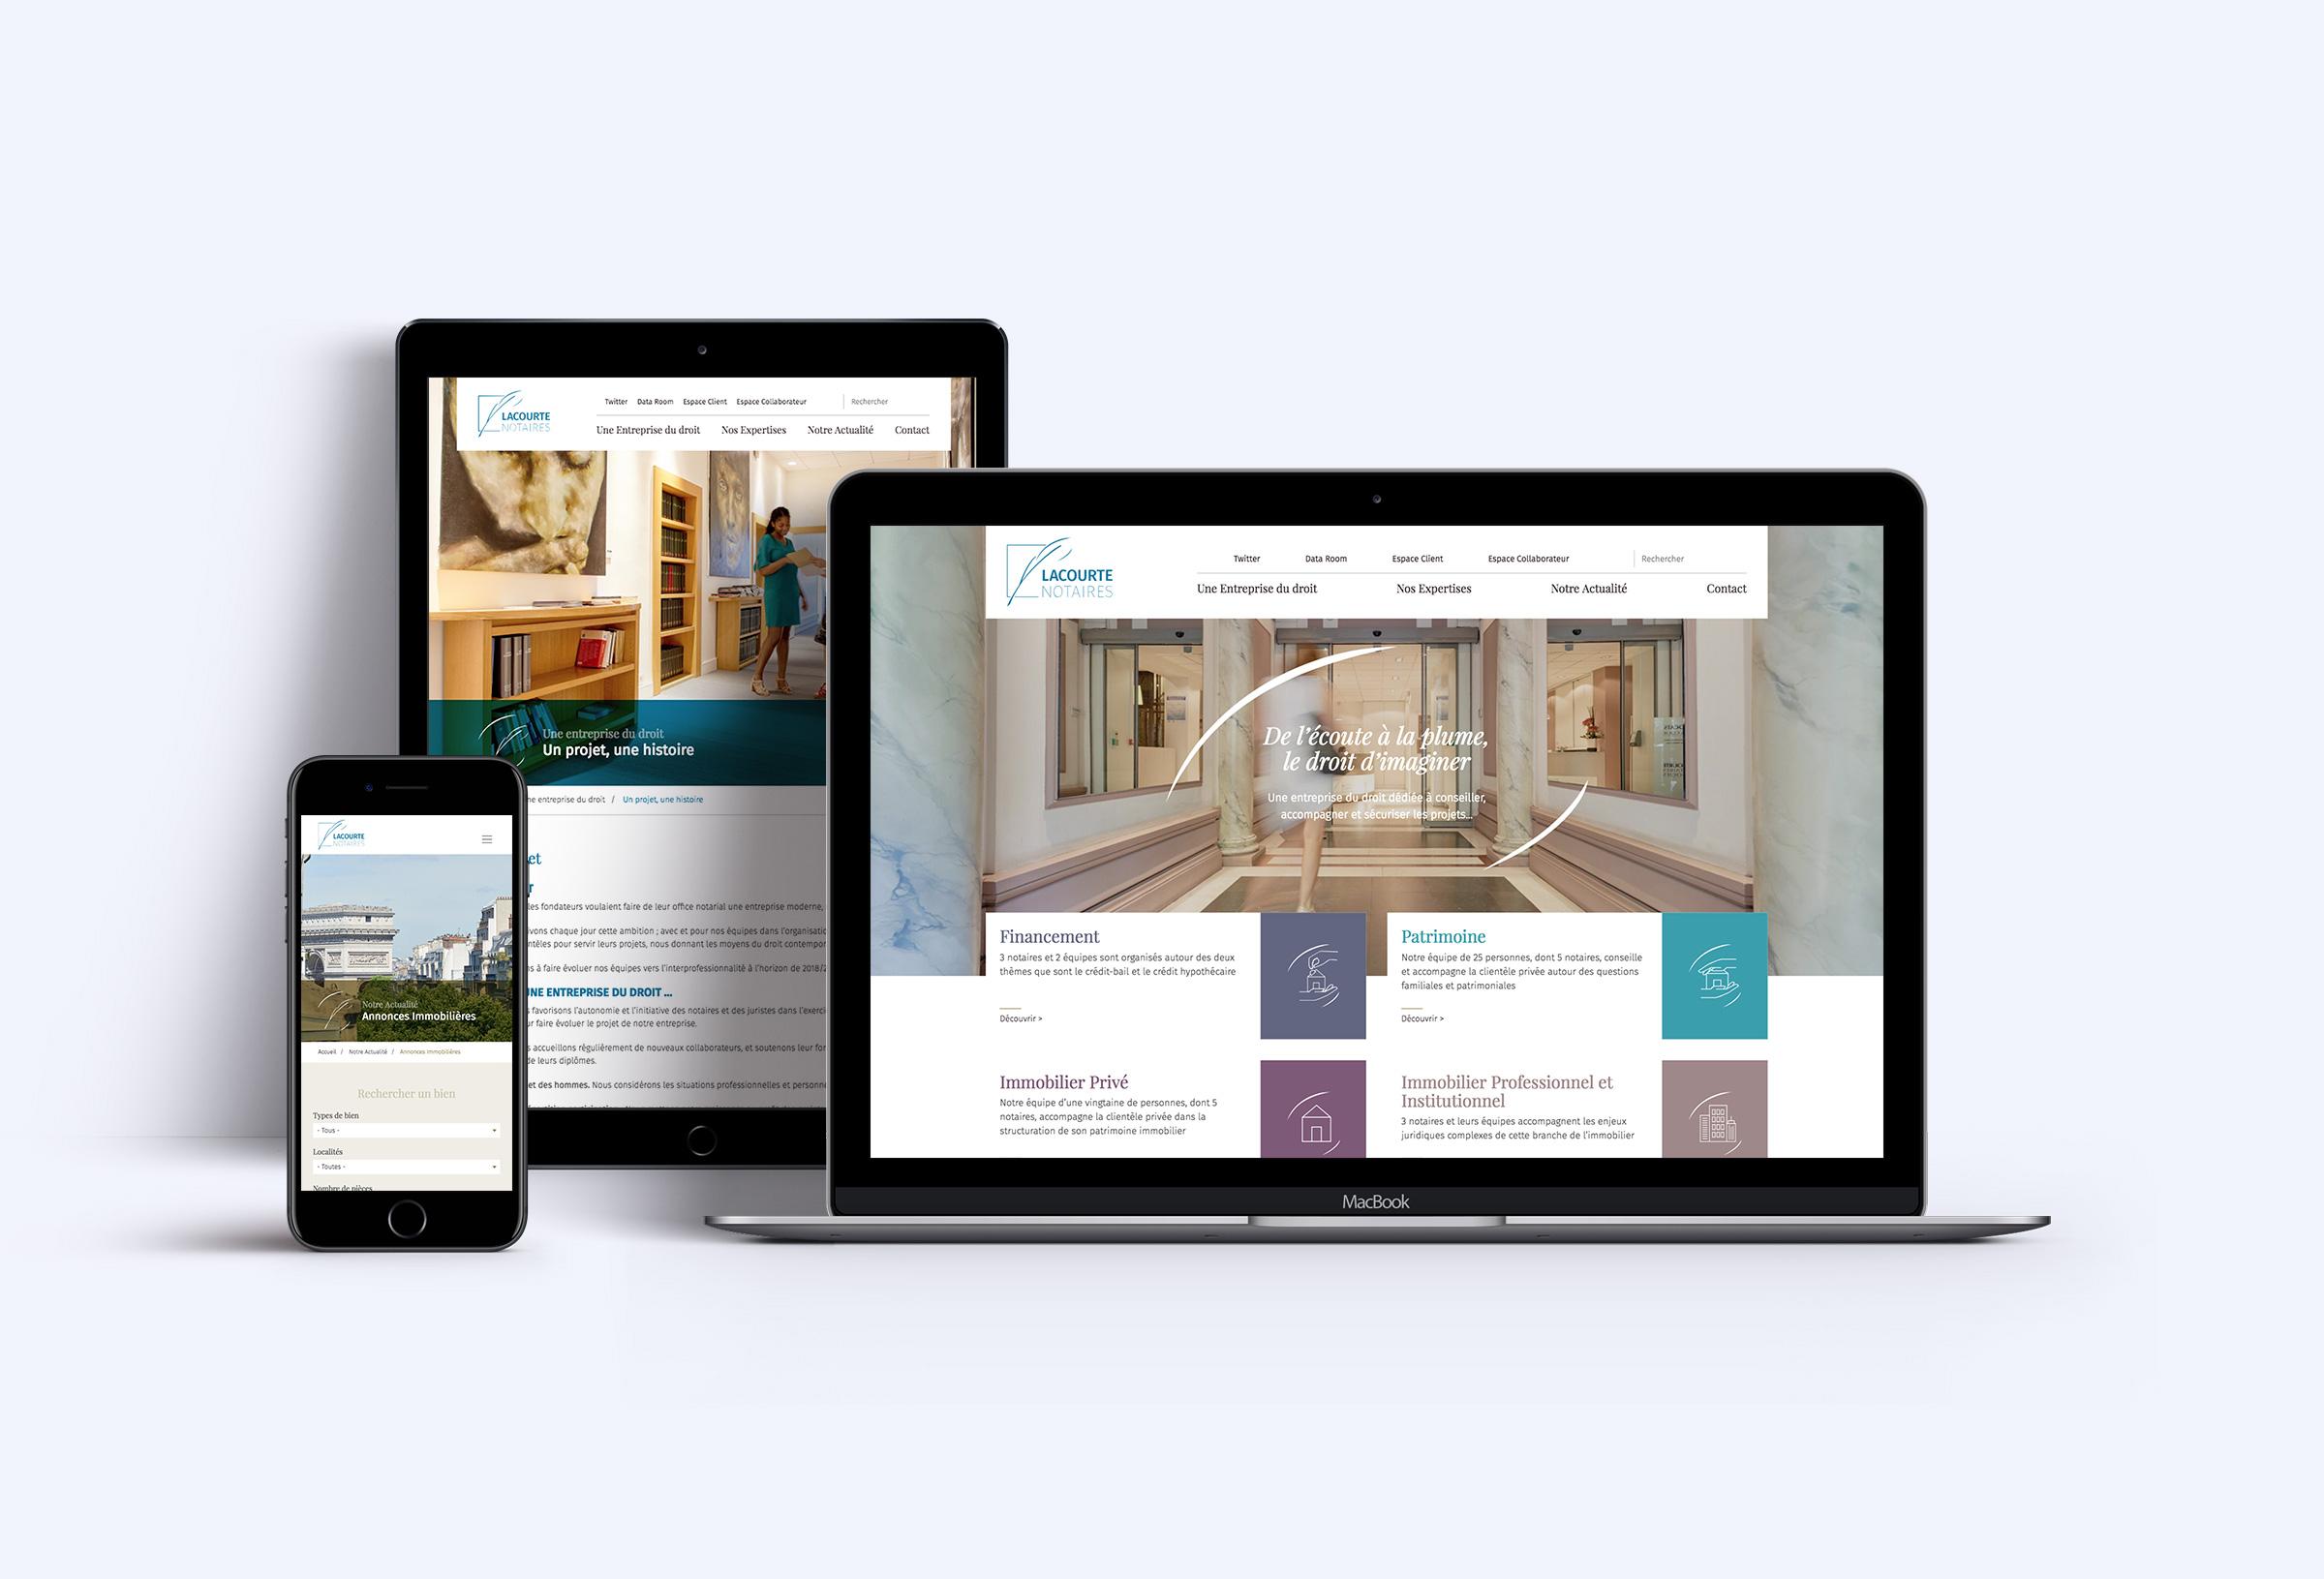 Conception et production refonte site web responsive Lacourte